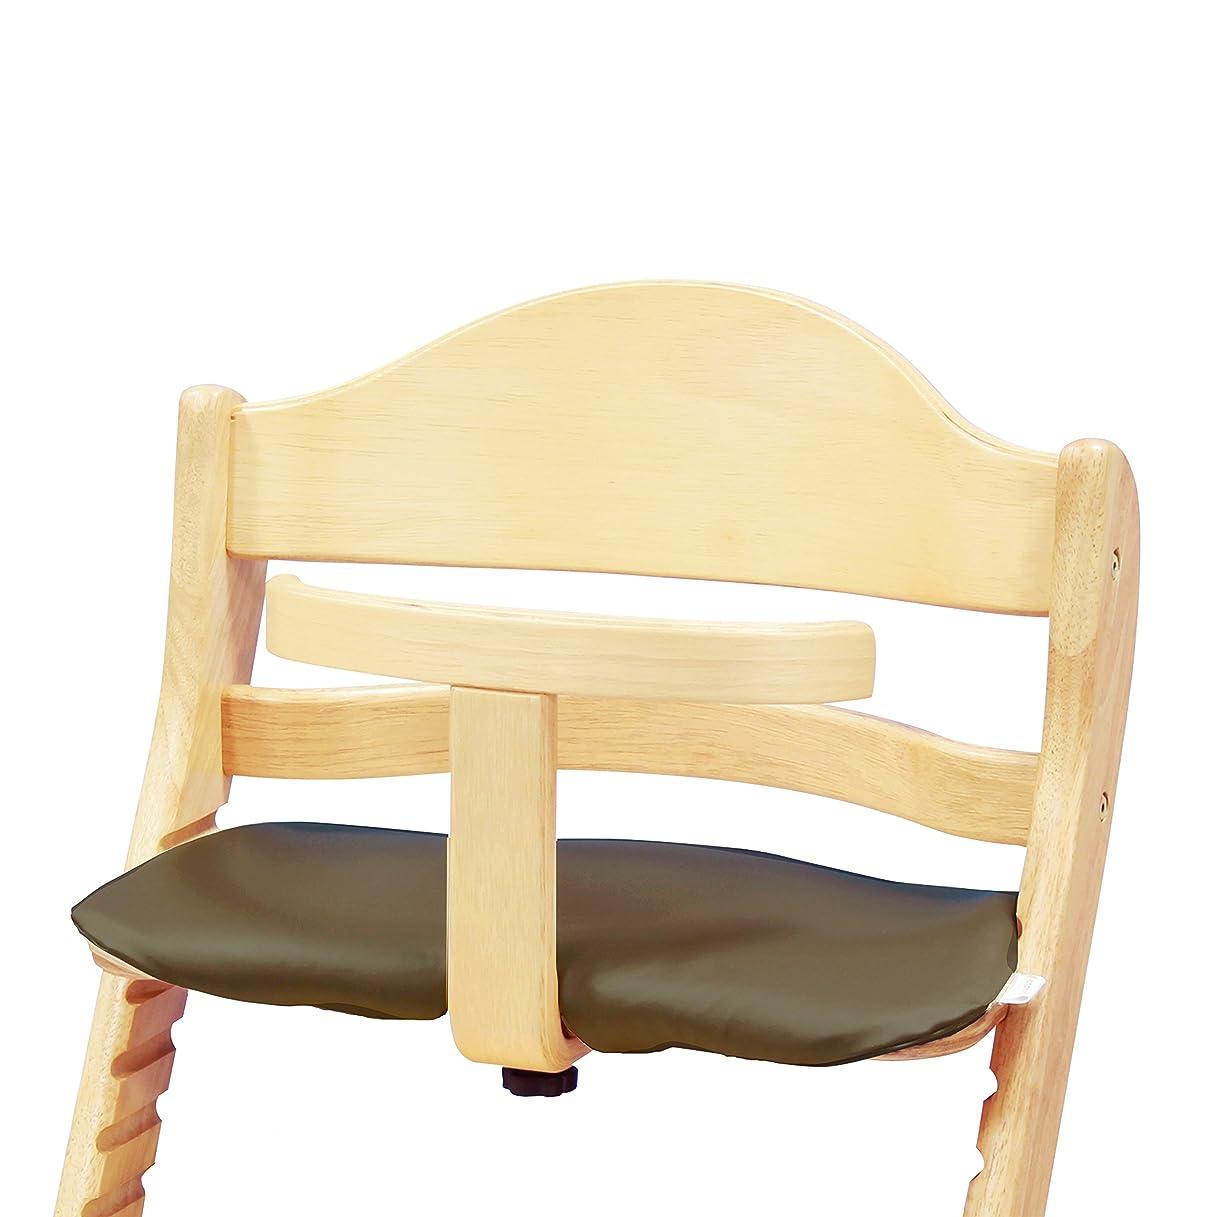 ナチュラコンセンサス散歩に行くカトージ 木製ハイ&ローチェア用クッション リーフグリーン 23916